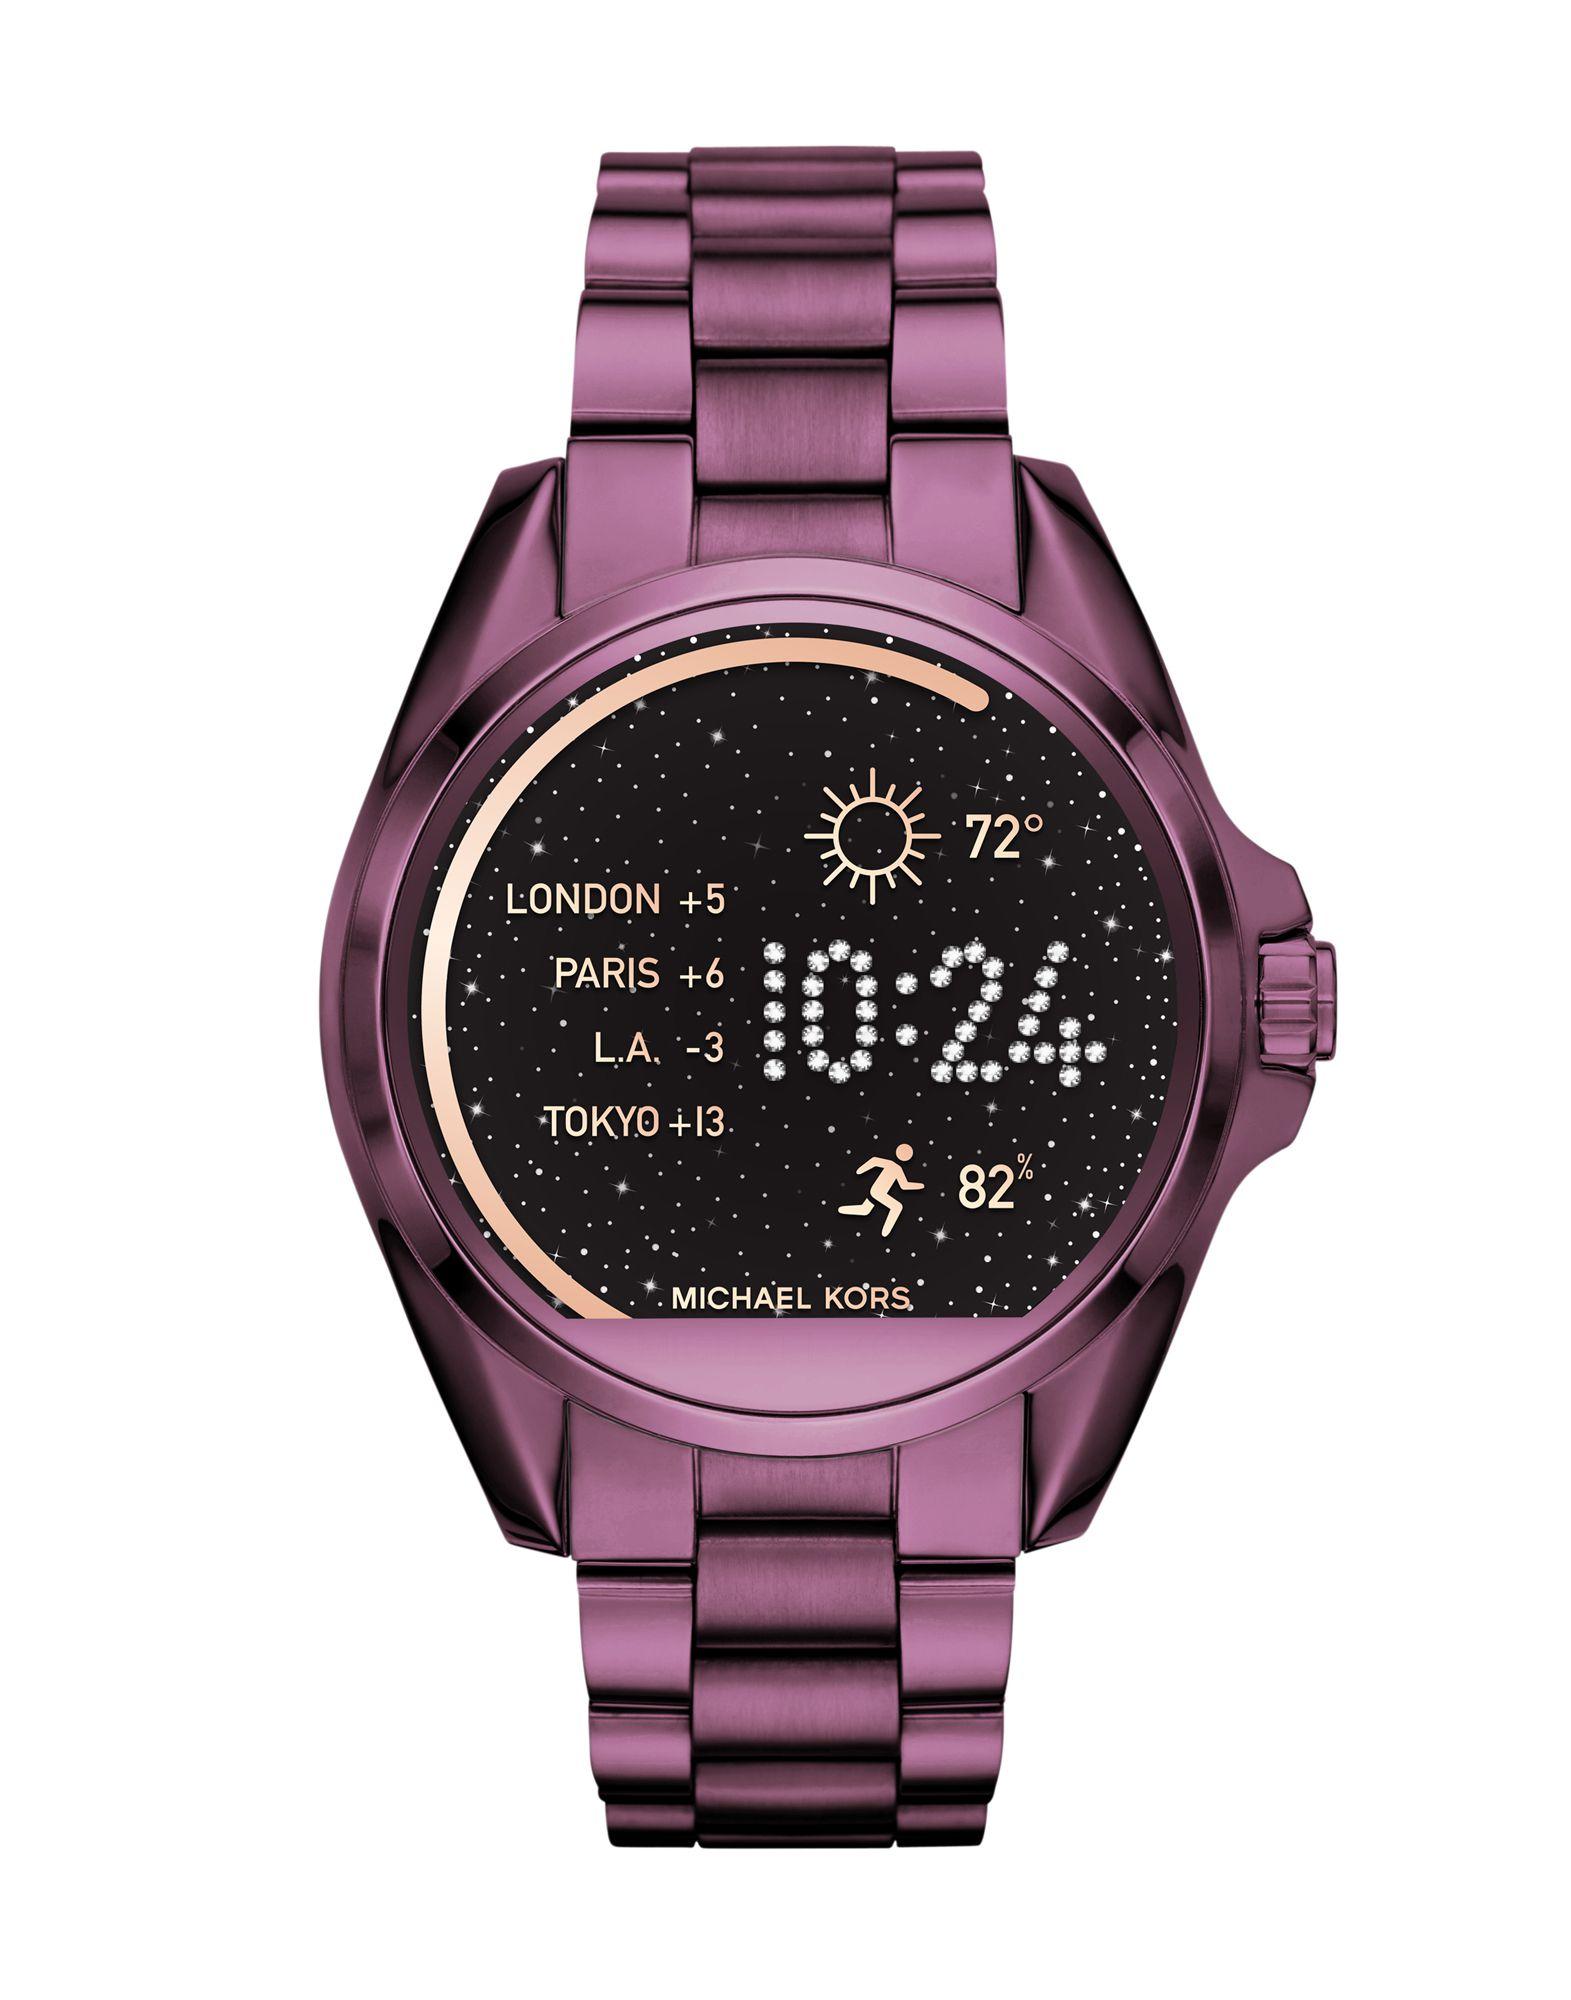 MICHAEL KORS ACCESS Damen Smartwatch Farbe Malve Größe 1 - broschei